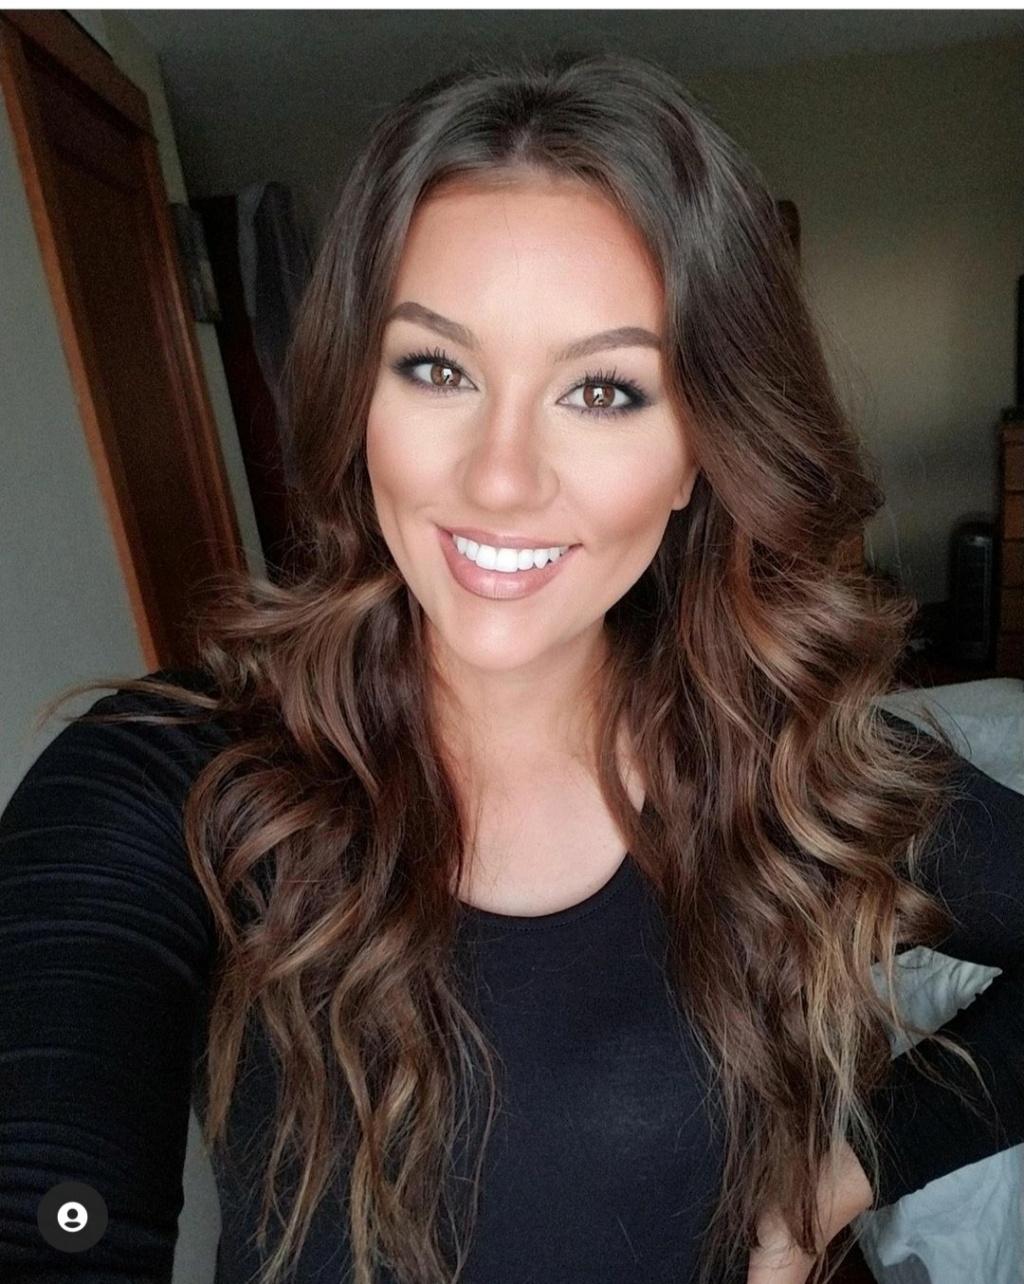 DEBATE sobre belleza, guapura y hermosura (fotos de chicas latinas, mestizas, y de todo) - VOL II - Página 8 Img_1259